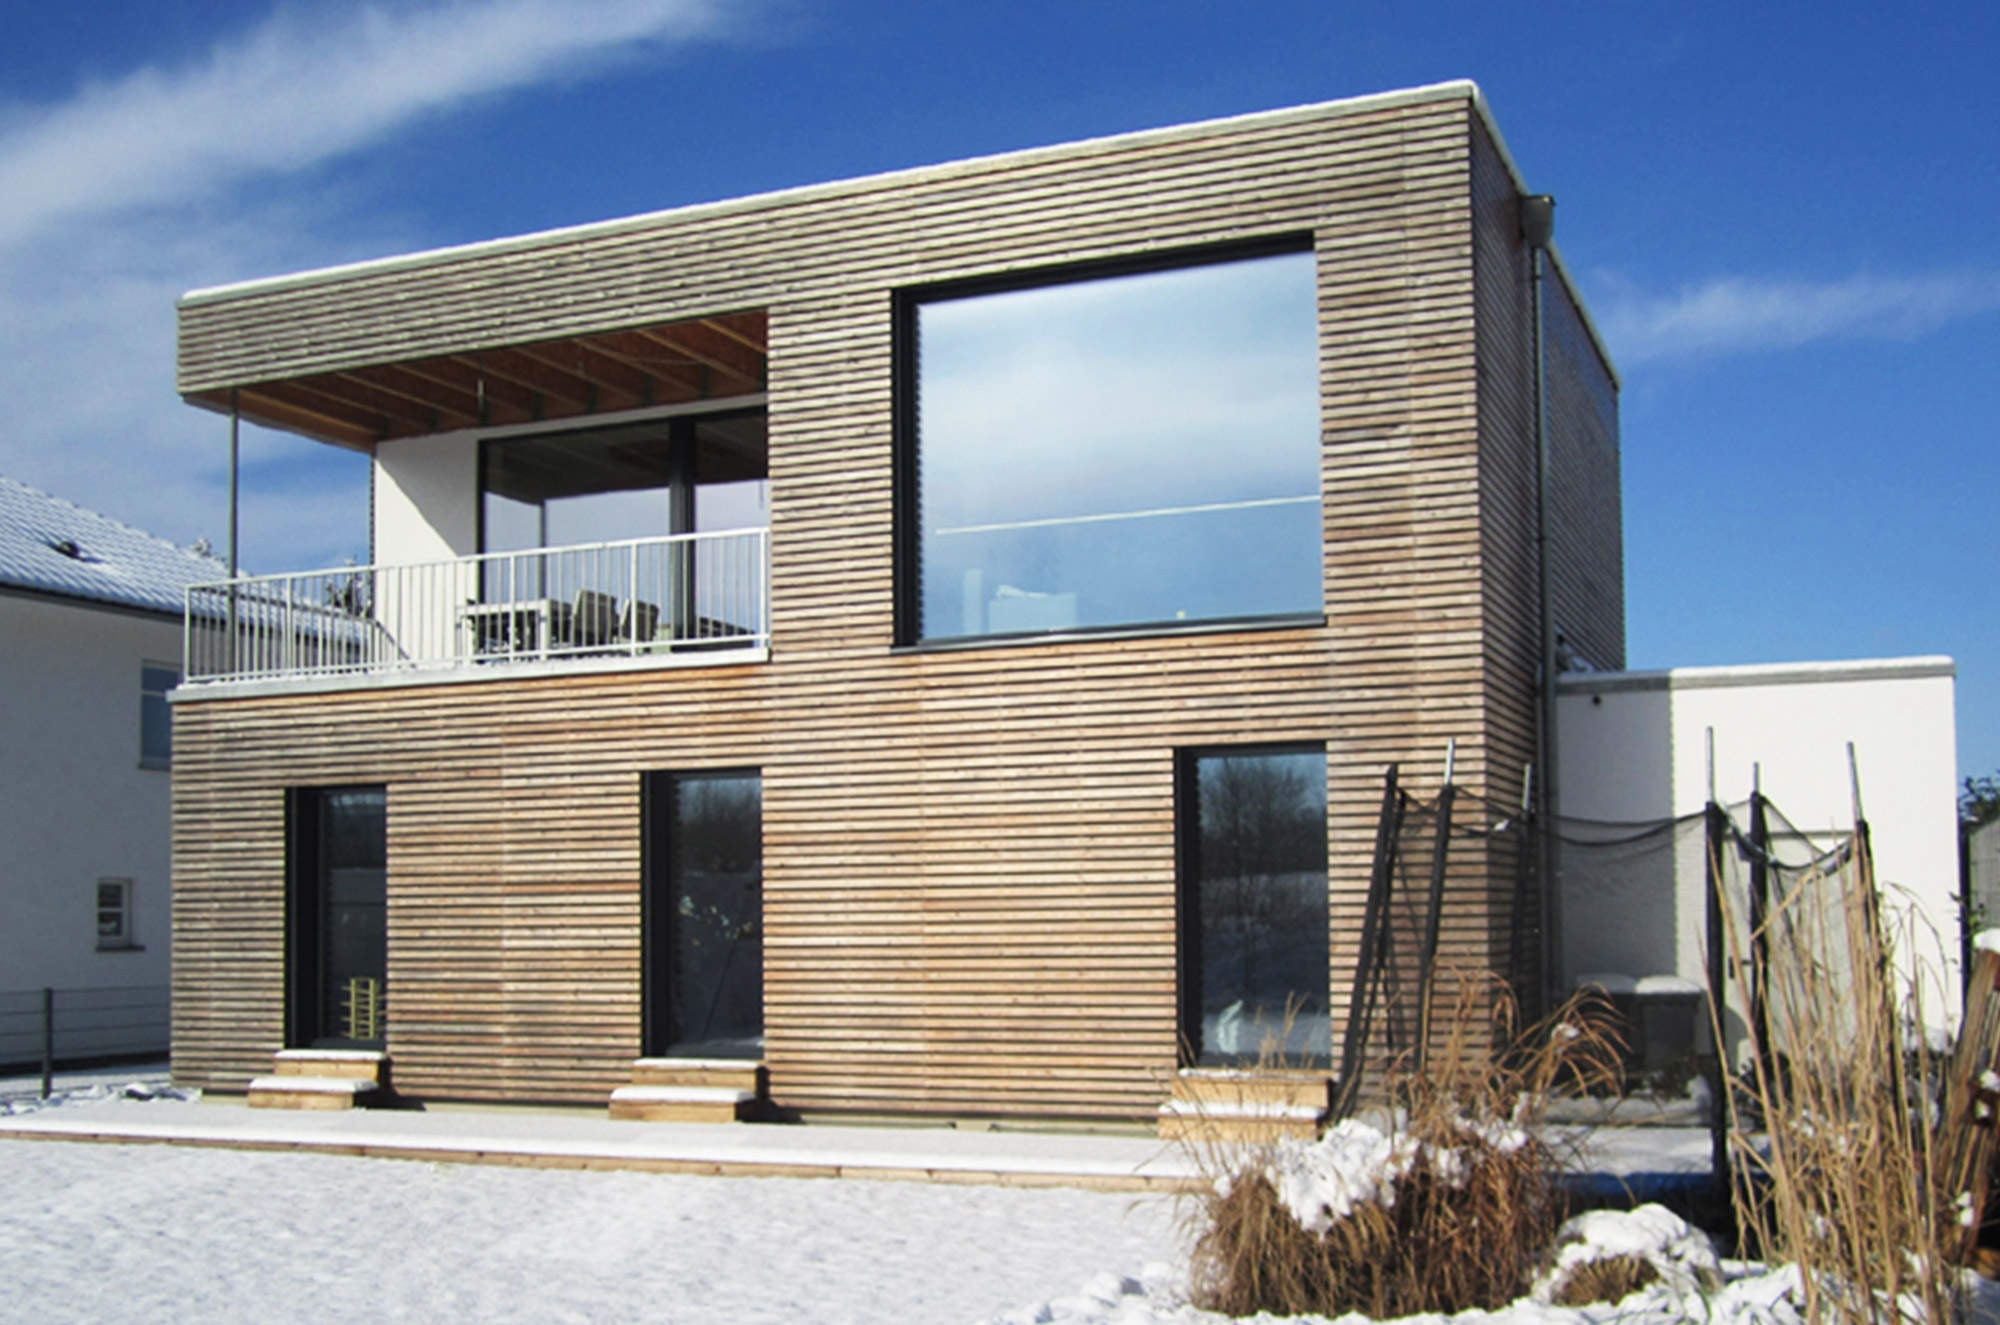 Hausbau-Bauhaus Nordrhein Westfalen